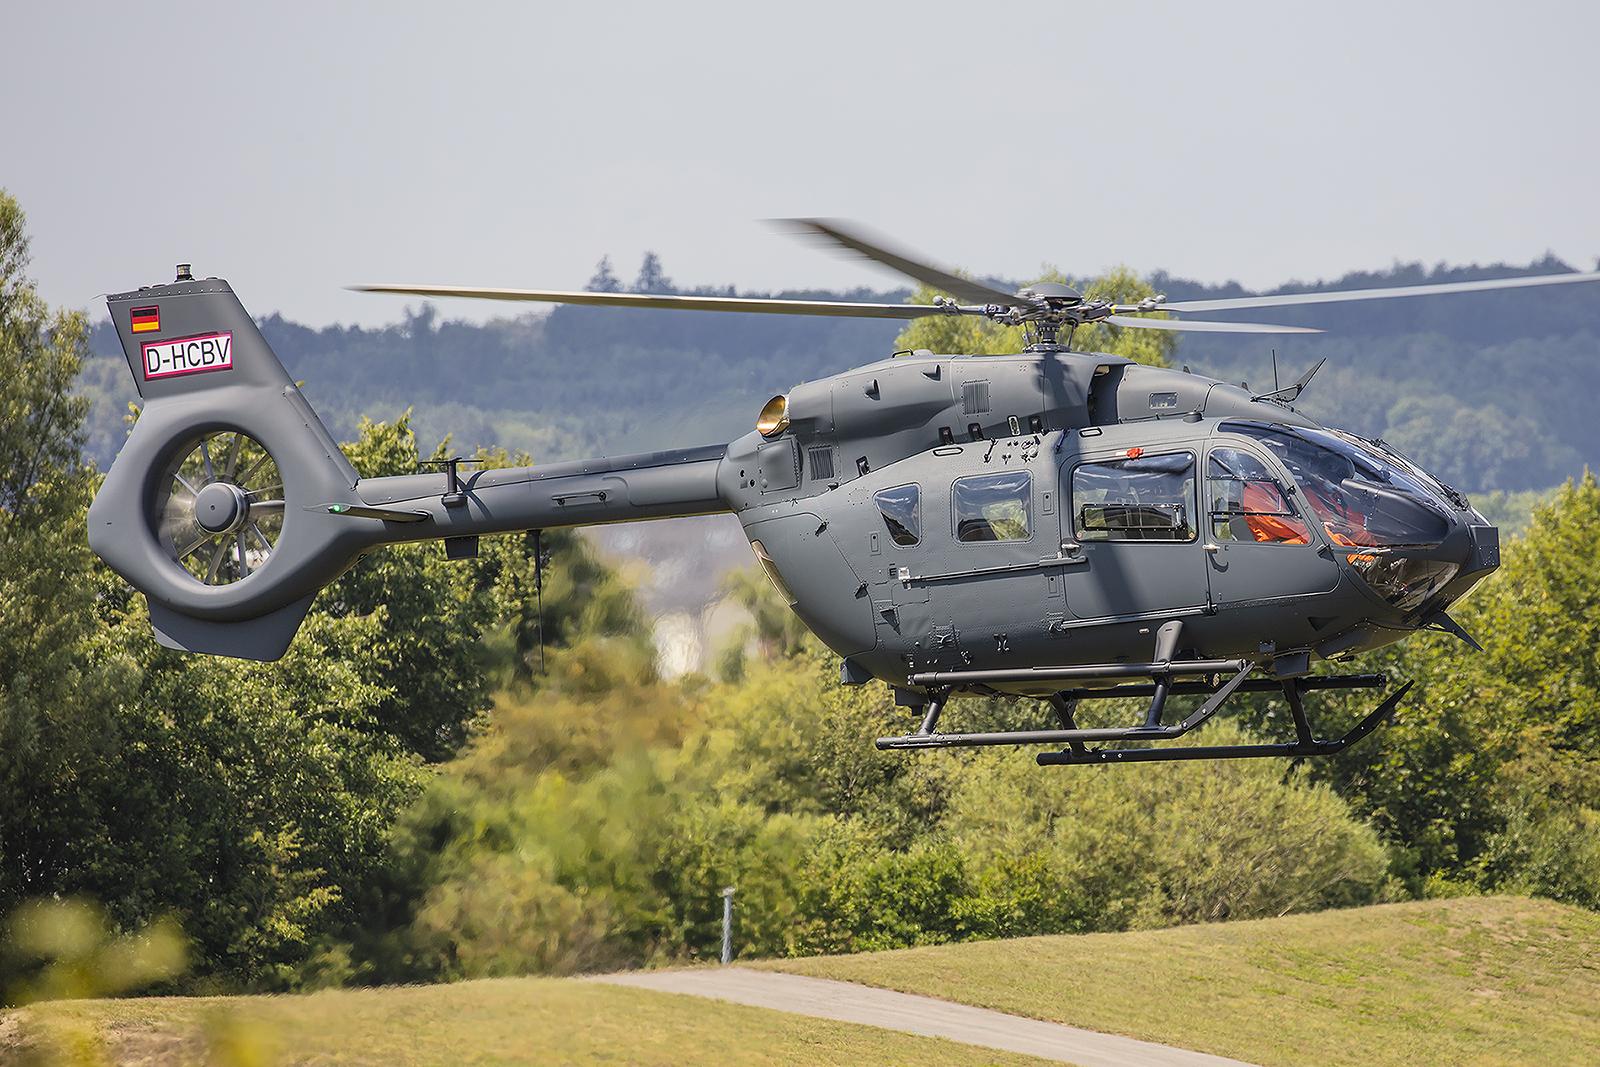 H145, vermutlich ungarische Luftwaffe